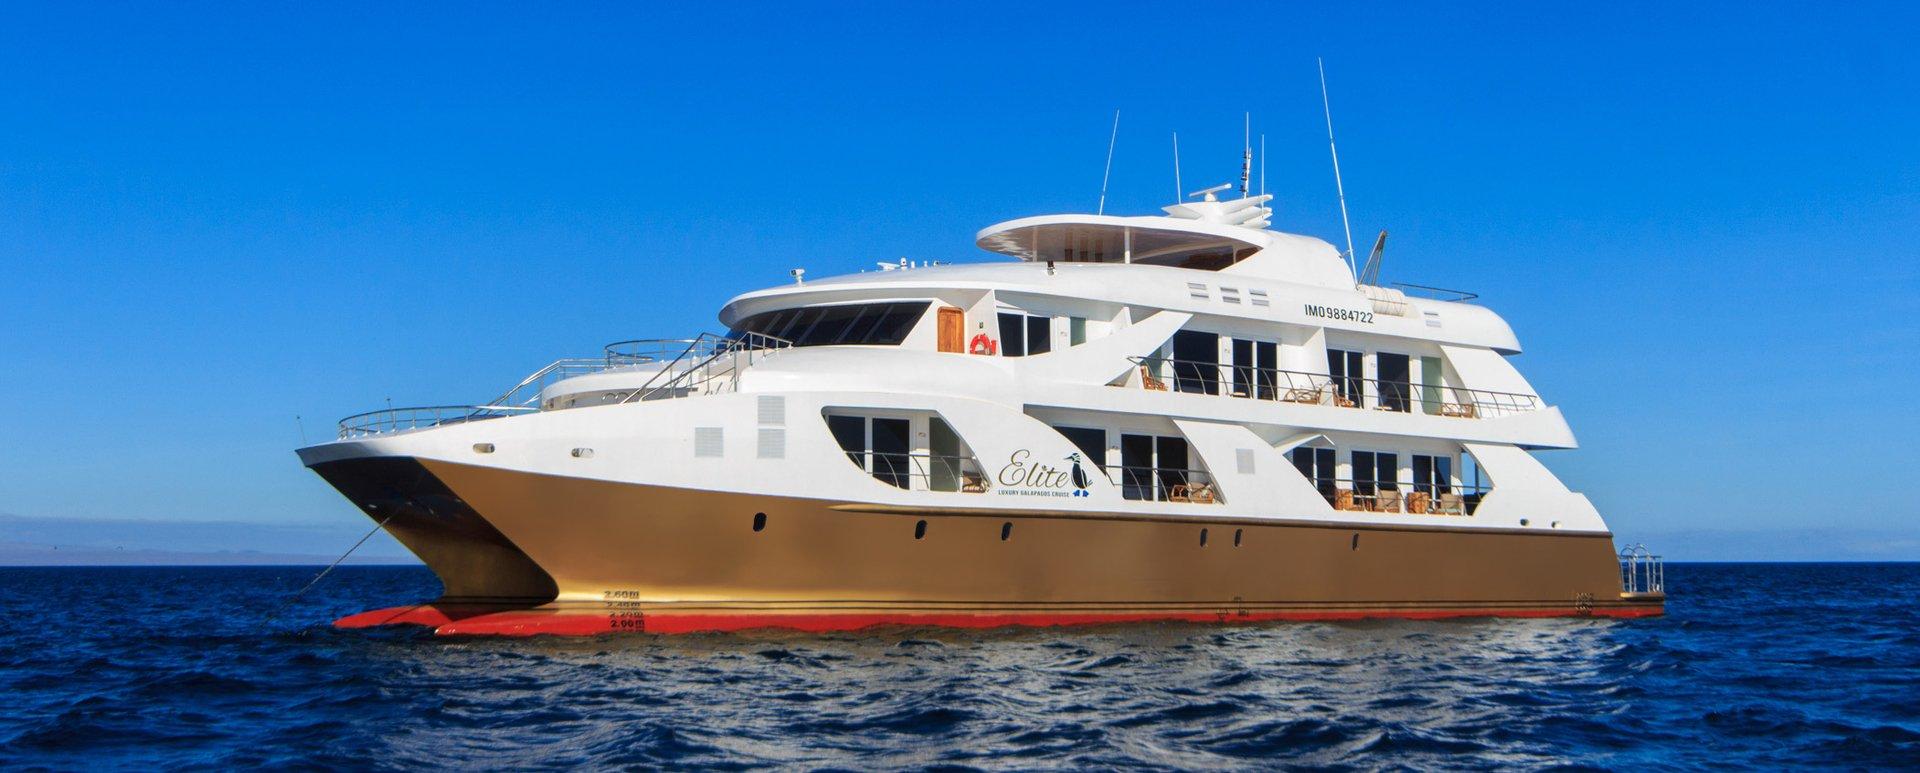 Galapagos Elite Catamaran